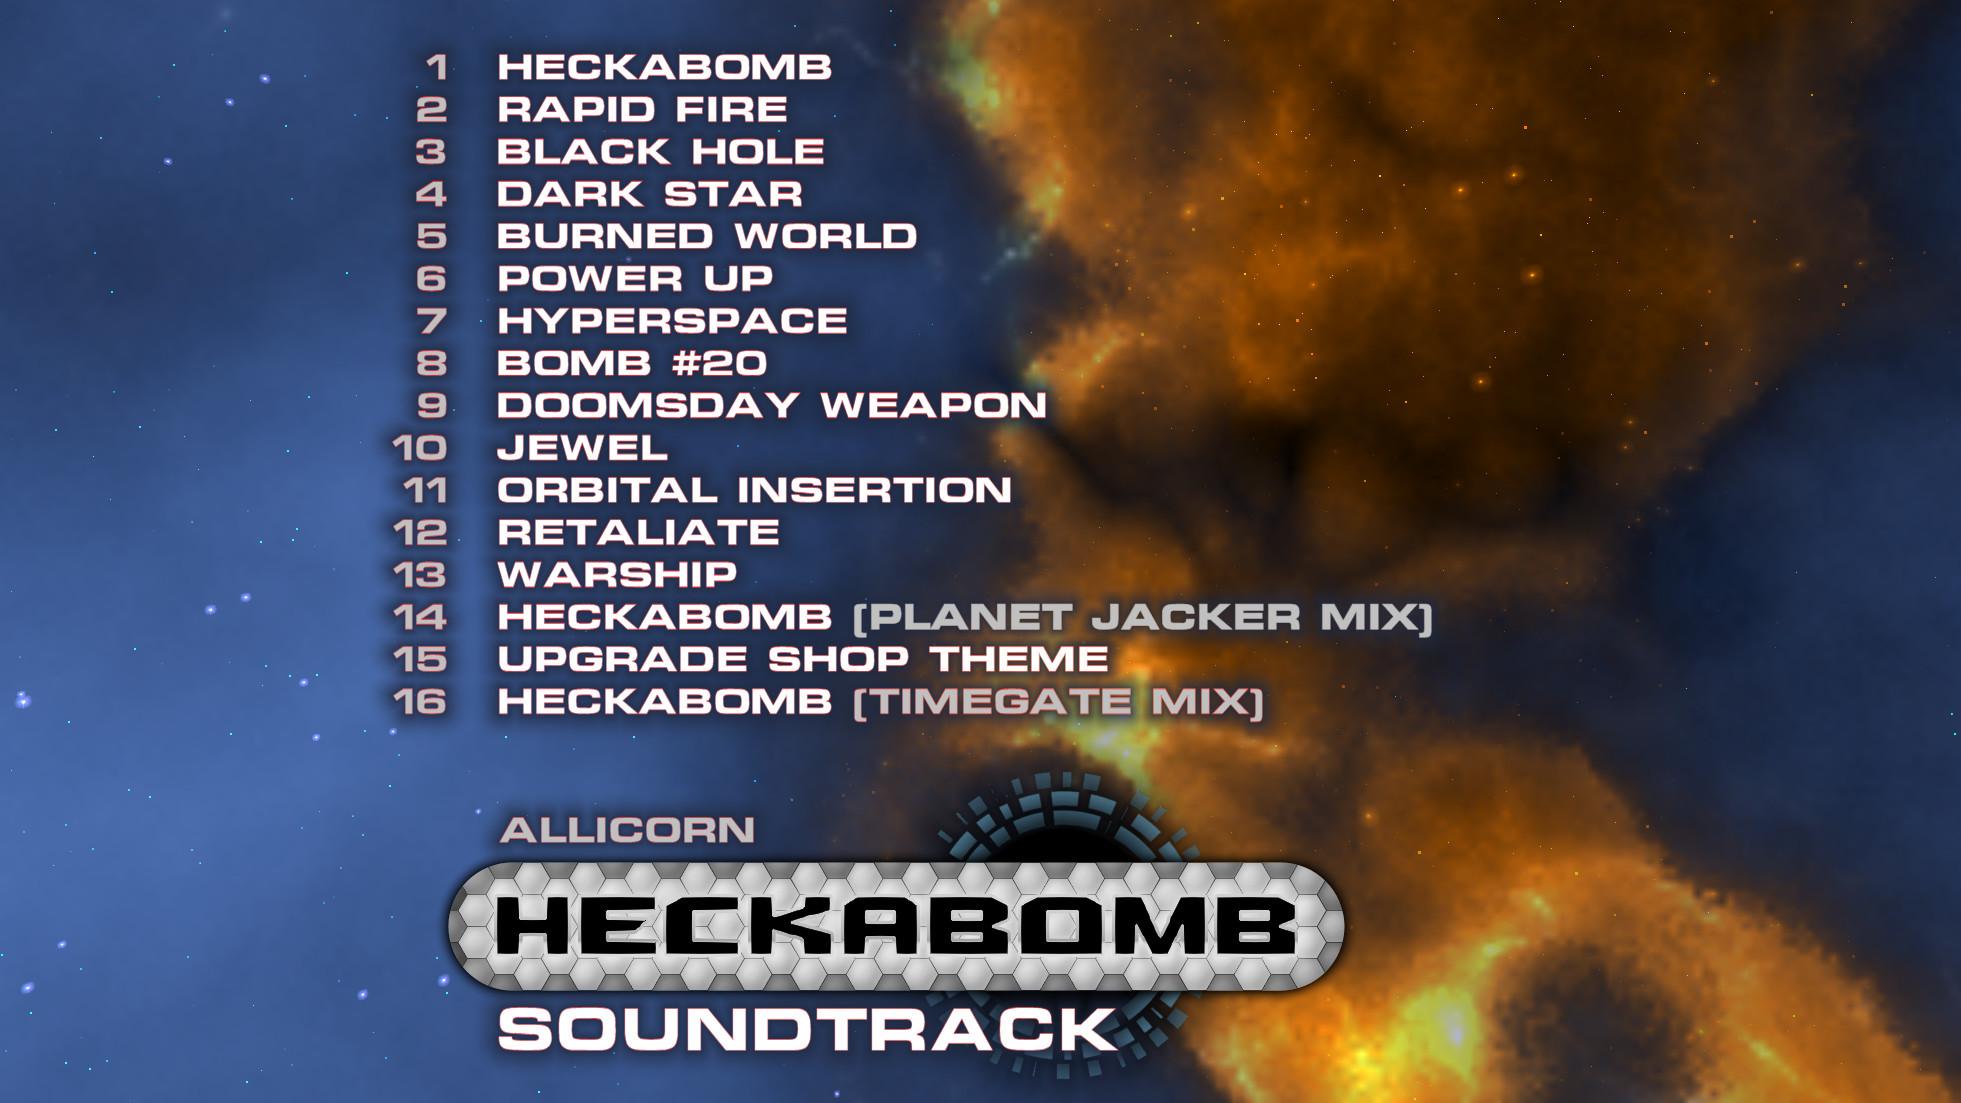 Heckabomb - Soundtrack screenshot